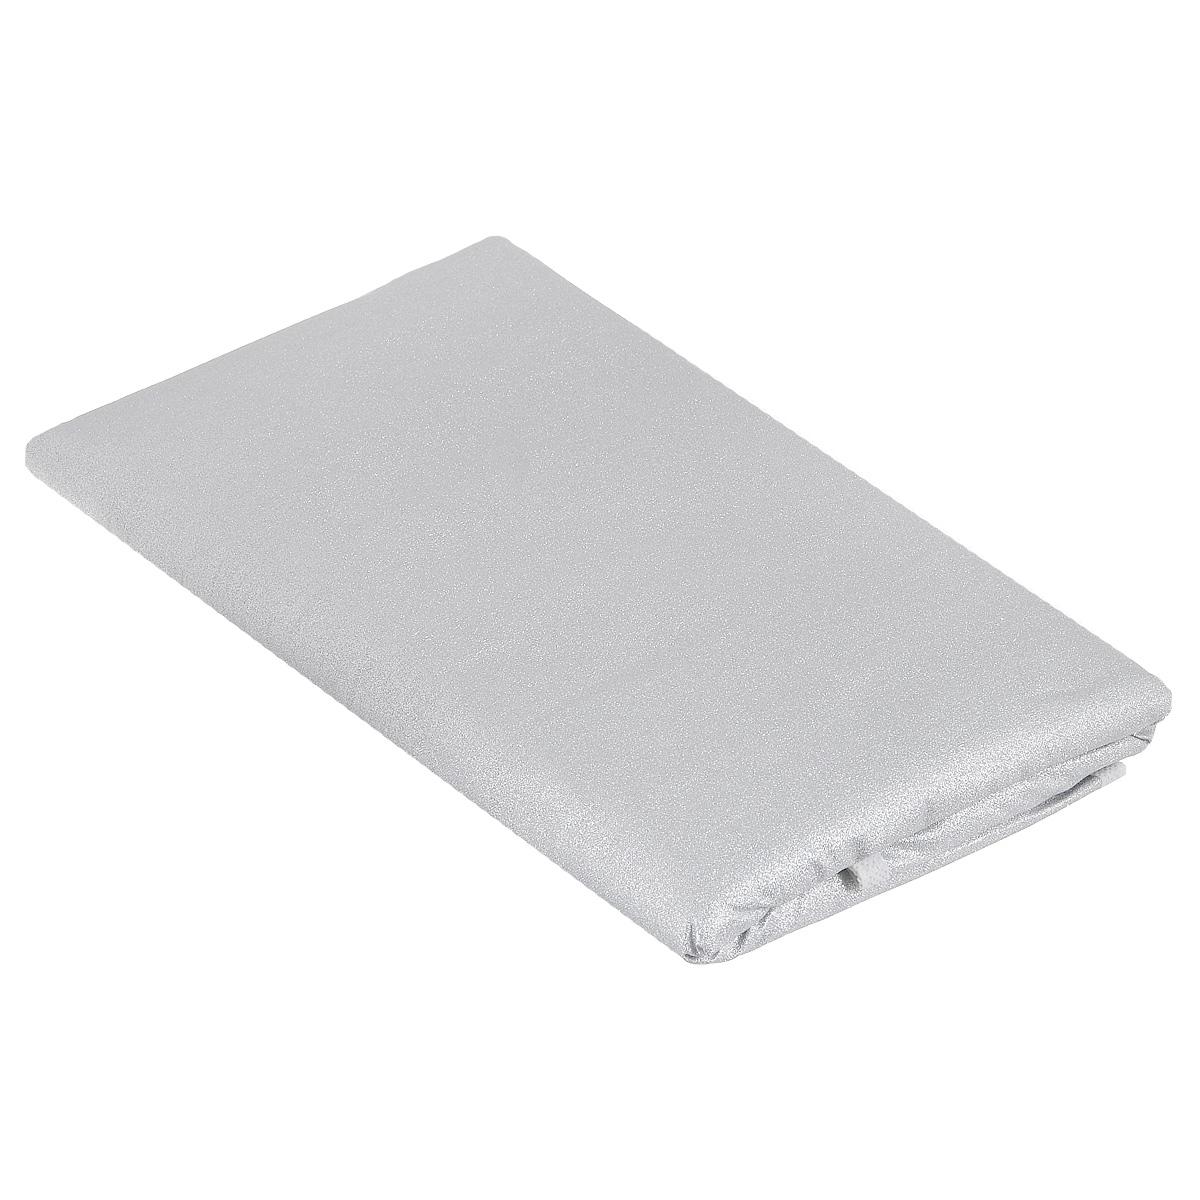 Чехол для гладильной доски Eva, цвет: серебристый, 120 см х 40 смЕ12_сереброЧехол для гладильной доски Eva выполнен из хлопчатобумажной ткани с термостойким тефлоновым покрытием и поролоновой подкладкой.Чехол предназначен для защиты или замены изношенного покрытия гладильной доски. Благодаря удобной системе фиксации легко крепится к гладильной доске.Этот качественный чехол обеспечит вам легкое глажение.Размер чехла: 120 см x 40 см.Размер доски, для которой предназначен чехол: 112 см x 32 см.